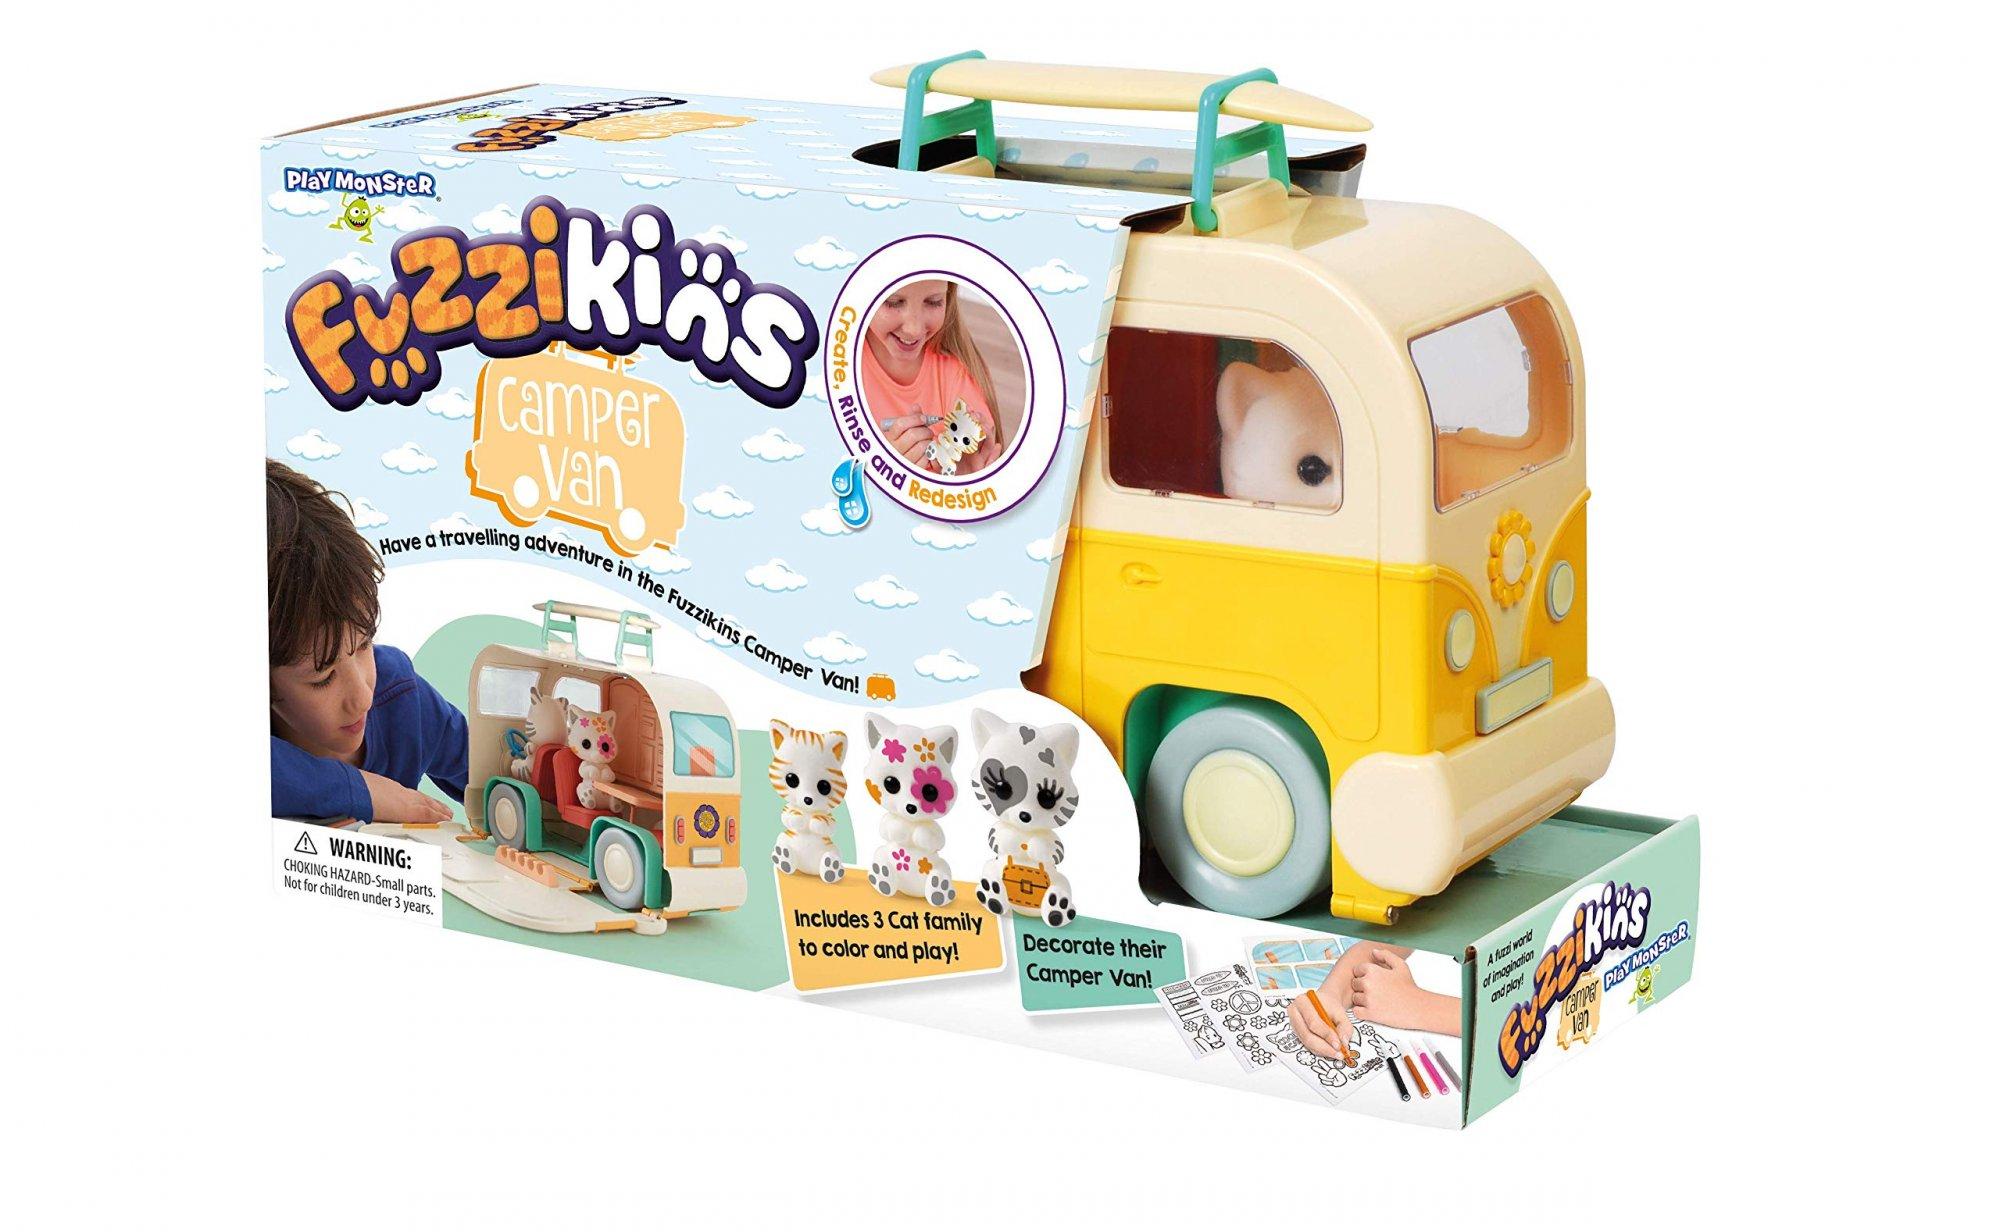 Playmonster Fuzzikins Camper Van